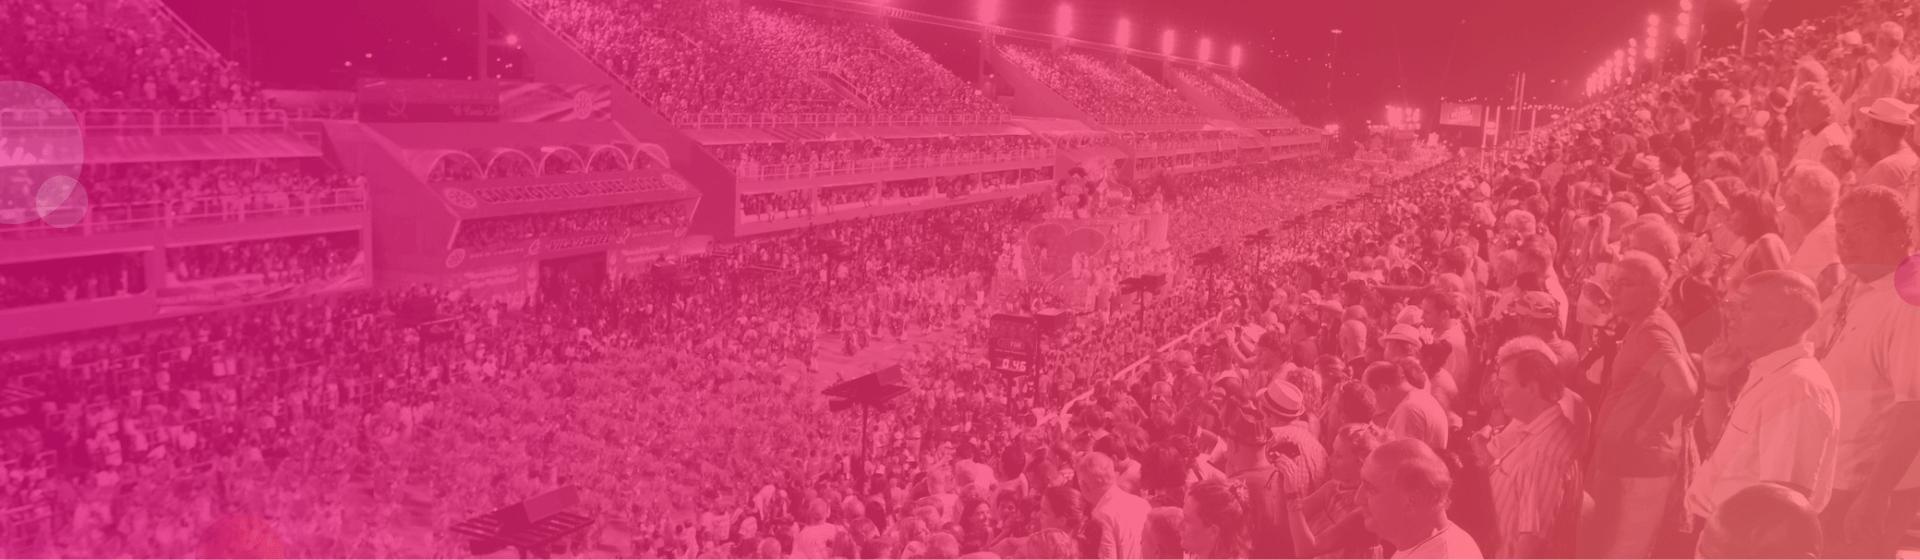 Sambódromo de Rio